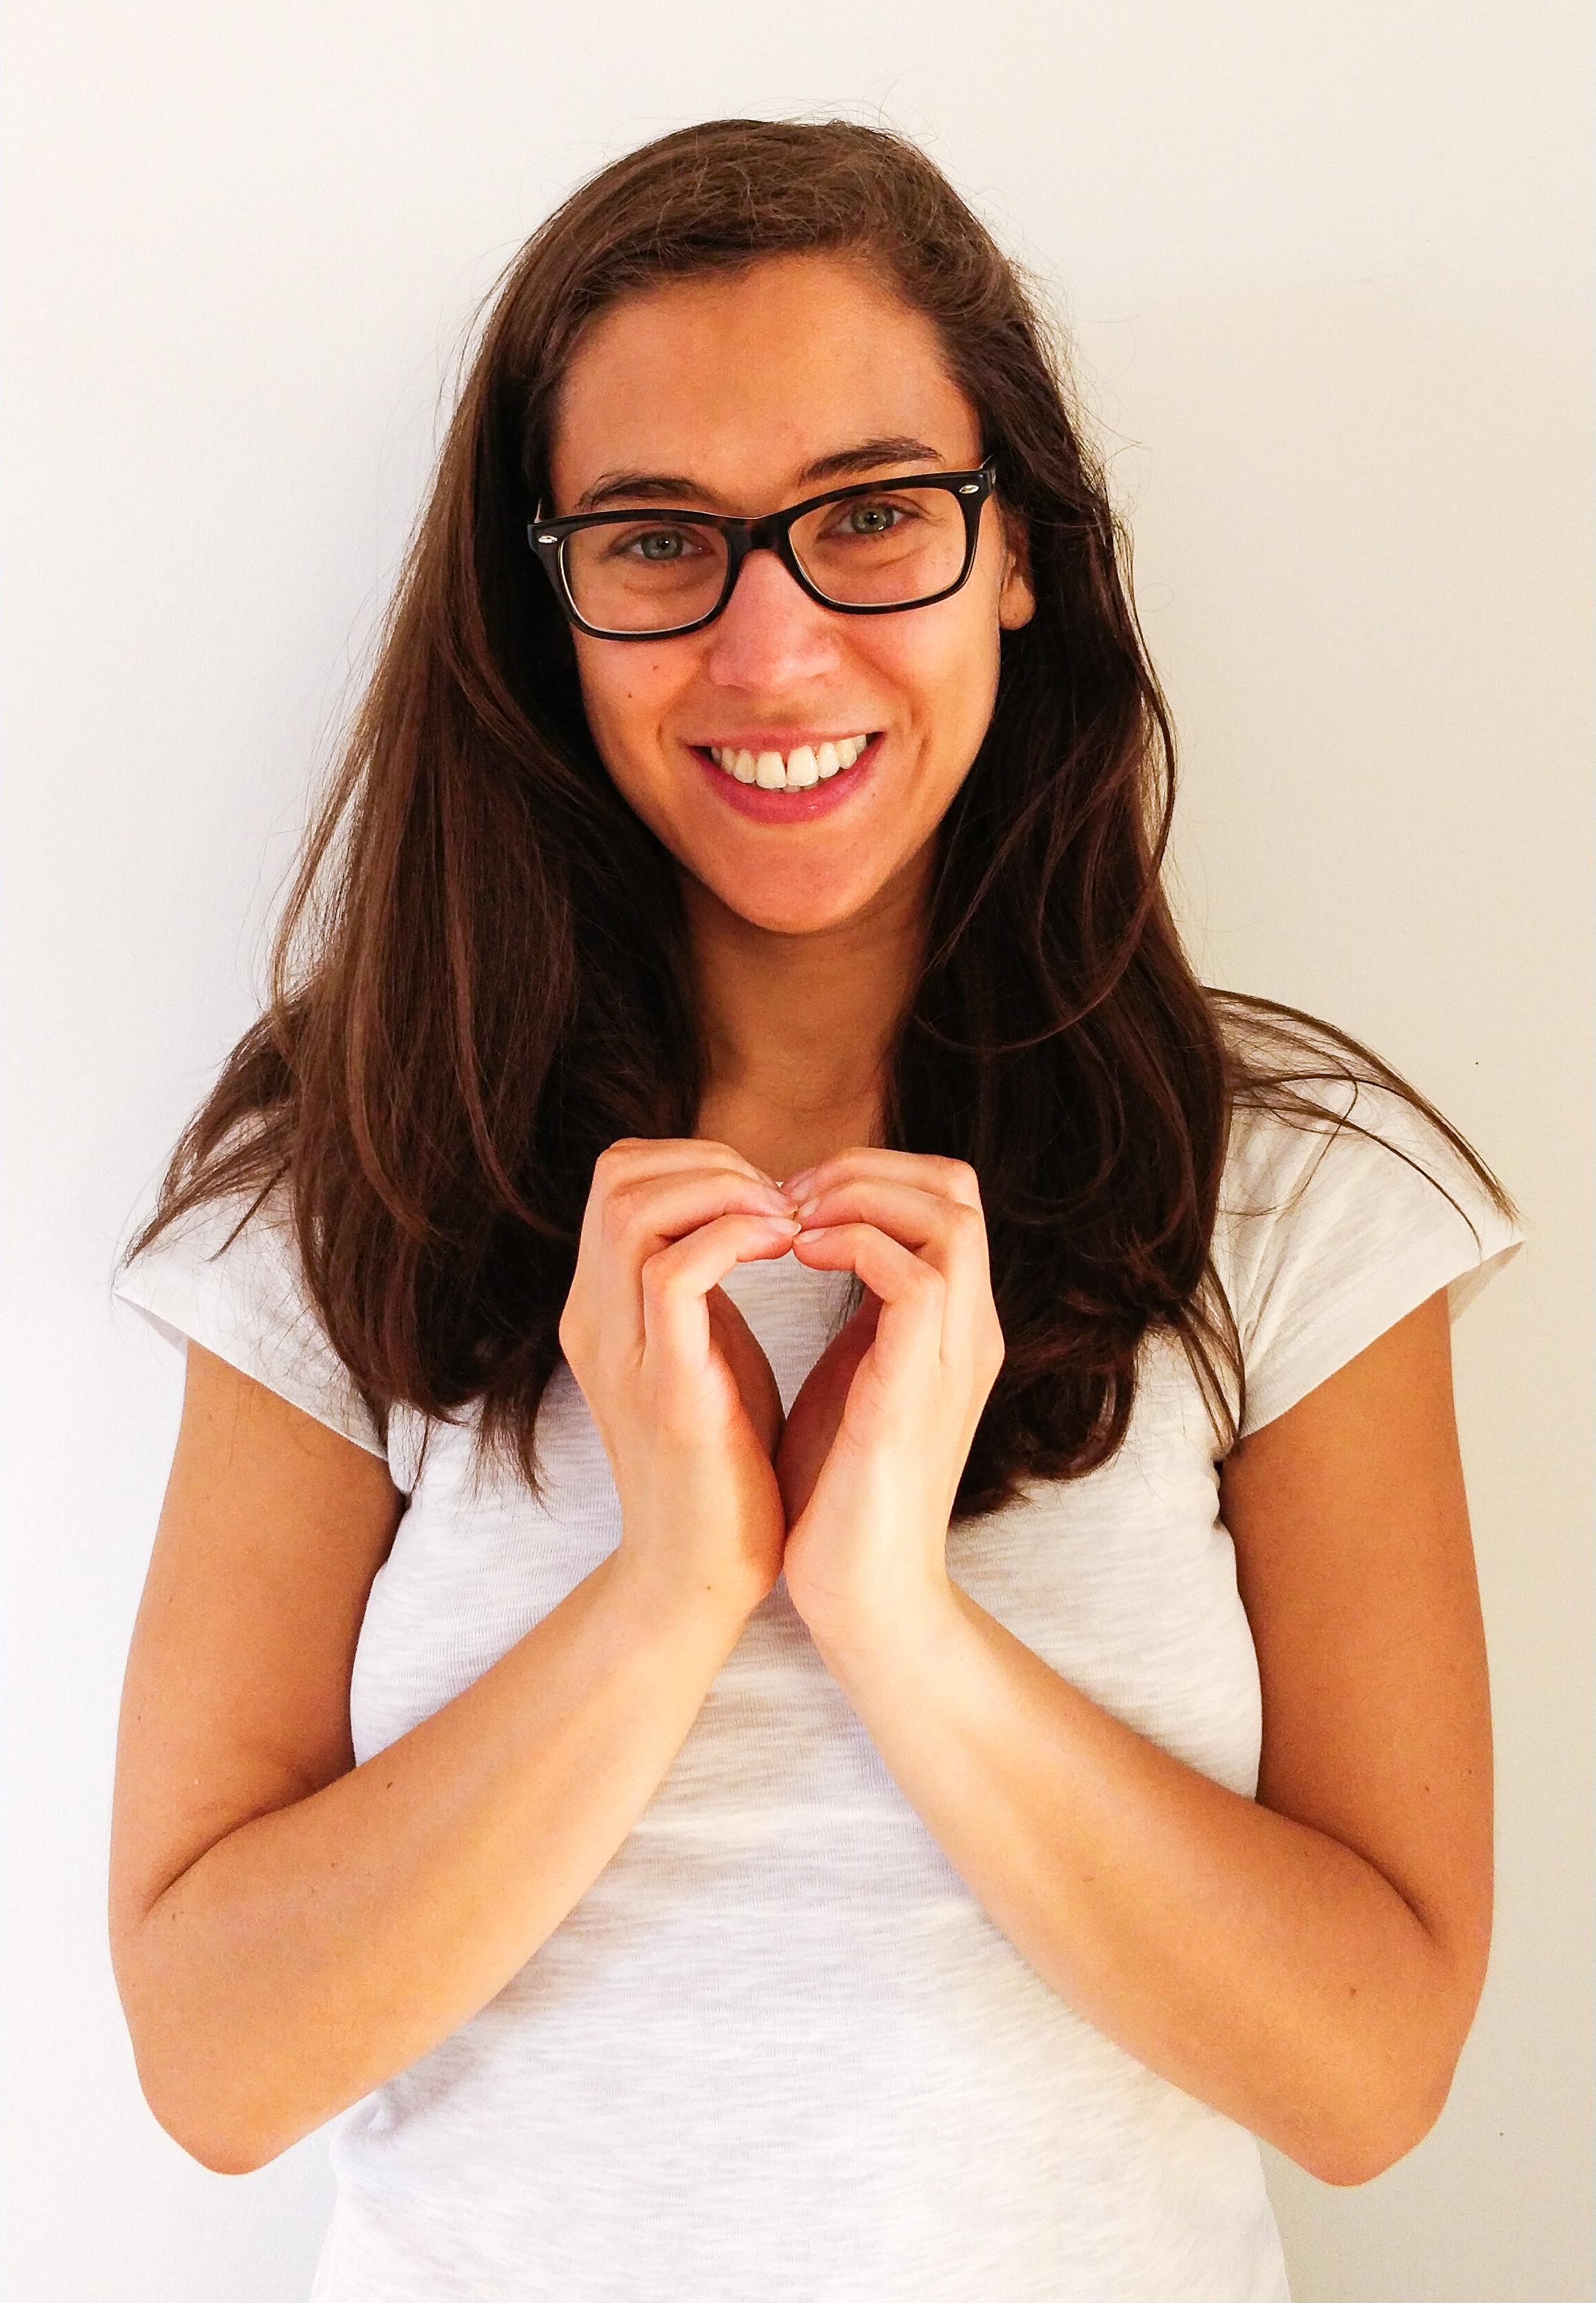 Autorin mit Händen zu Herz geformt